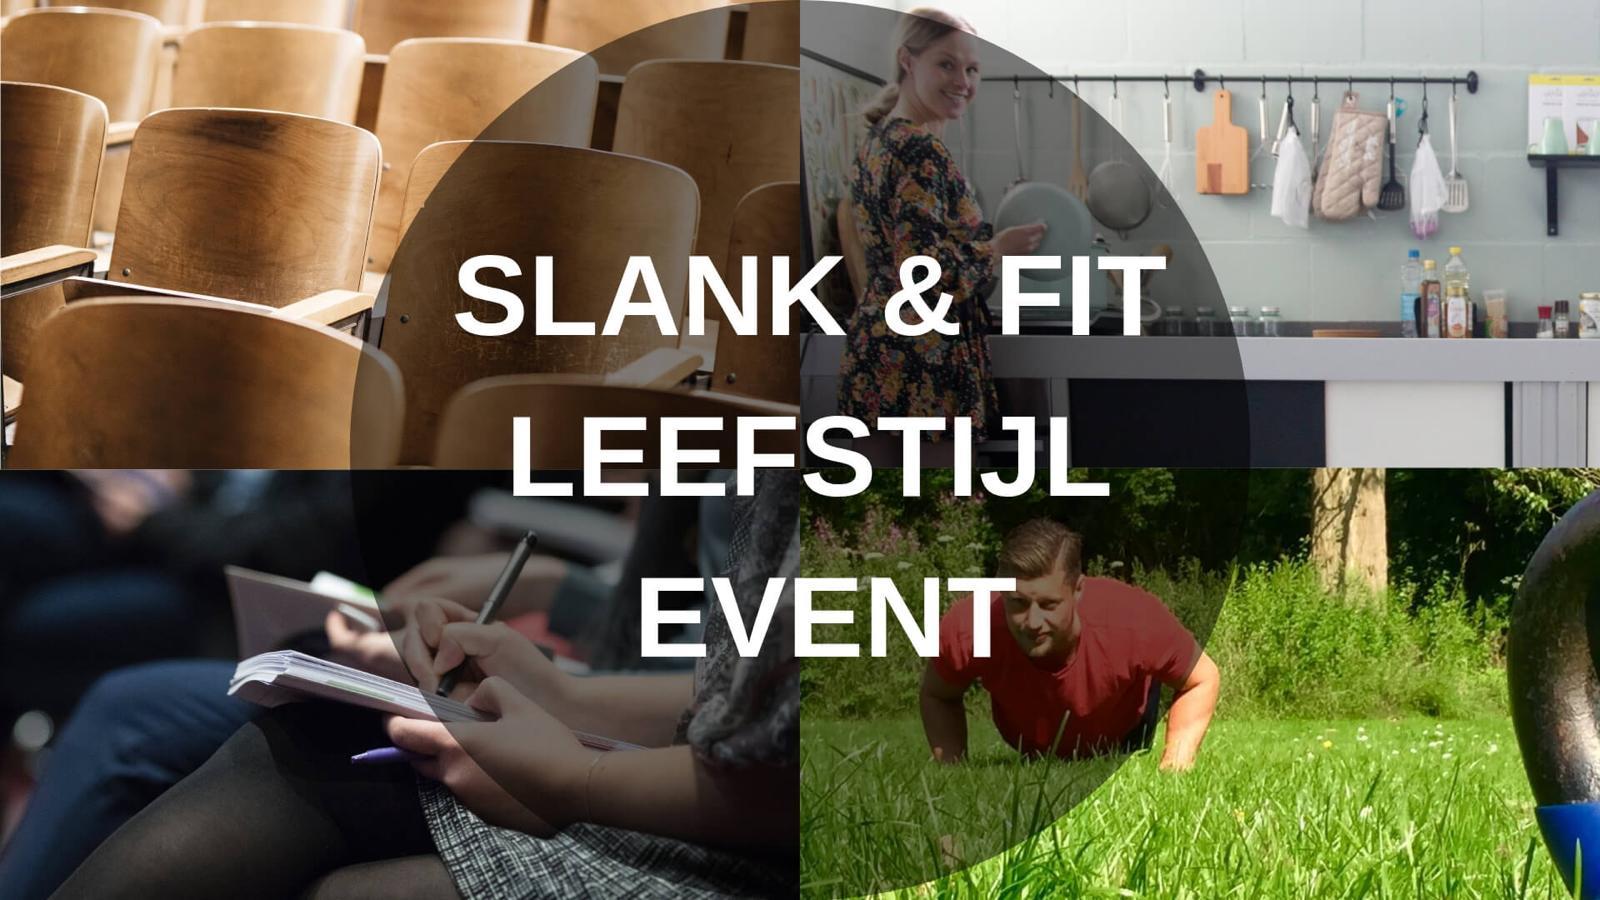 Leefstijl Event 'Slank & Fit' 9 maart 2019